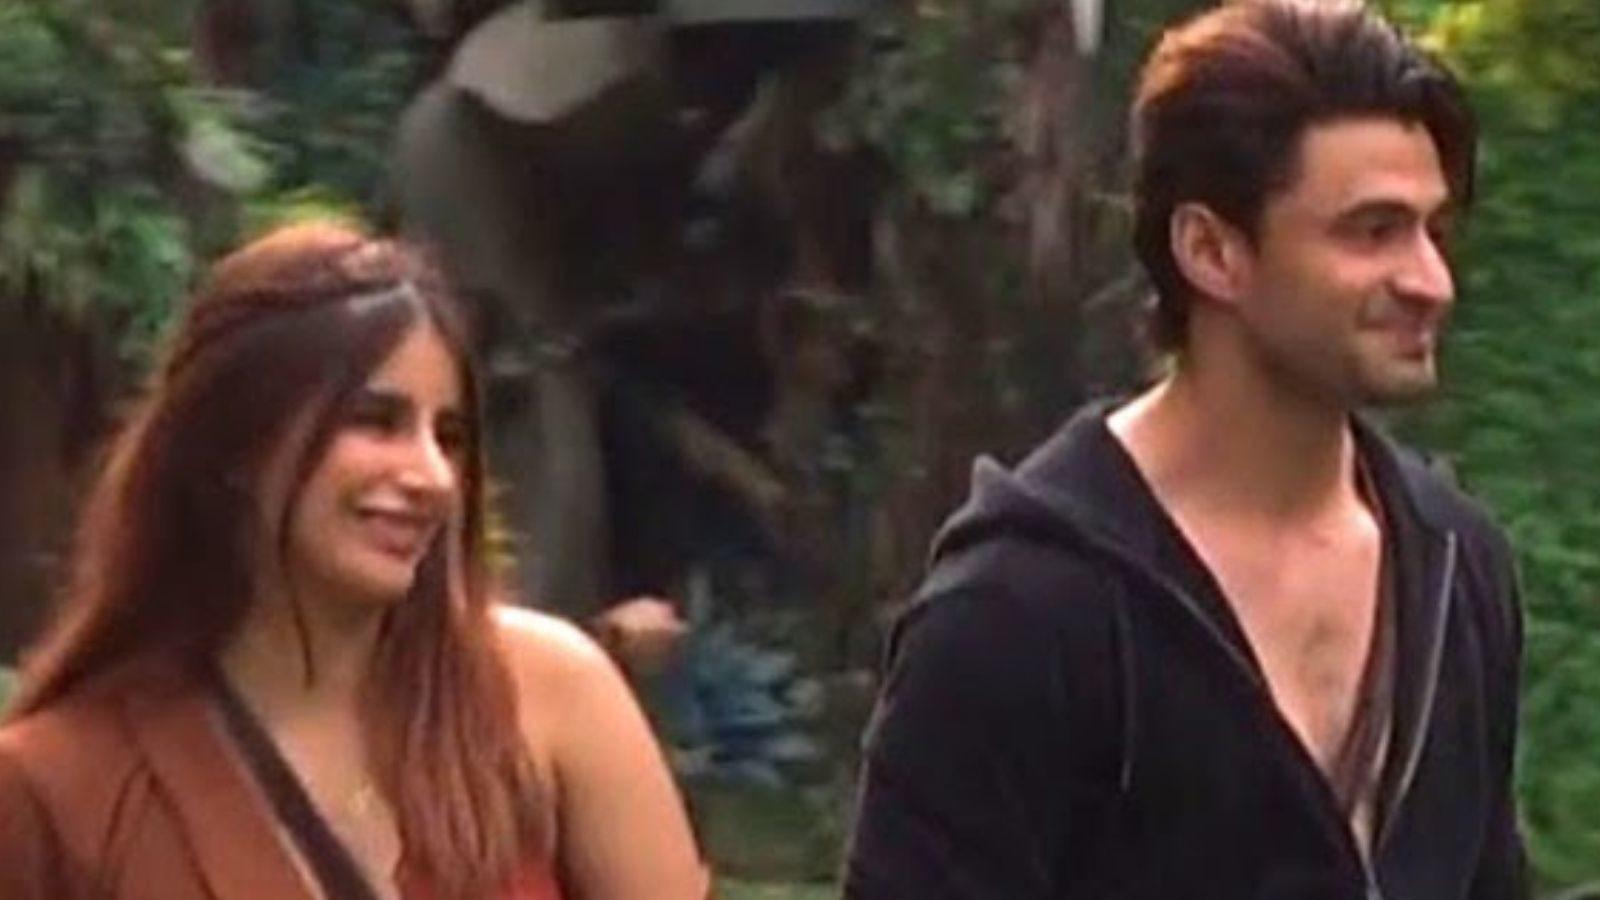 Bigg Boss 15 Ishaan Sehgal Miesha Iyer kissed each other Video Viral ss -  BB 15: ईशान सहगल-मायशा अय्यर ने मौका देखकर एक-दूसरे को किया KISS! लोग बोले-  'बेशर्म' – News18 Hindi